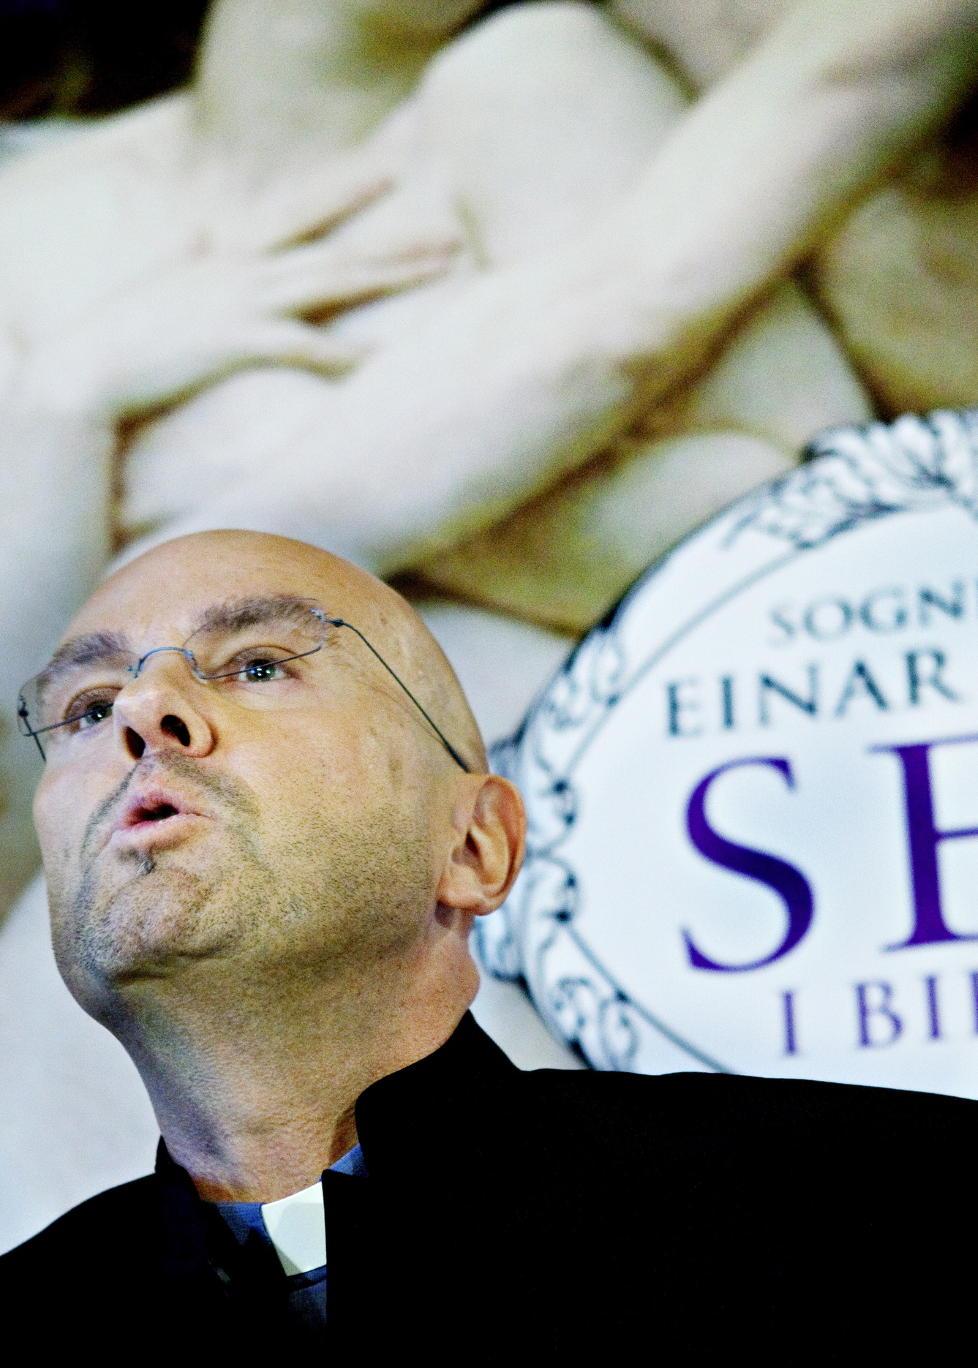 KONTROVERSIELL: Boka «Sex i bibelen» skal vare grunnen til at biskop Ole Christian Kvarme nå ønsker å åpne avskjedssak mot Vålerenga-presten.  Foto: Nina Hansen / Dagbladet